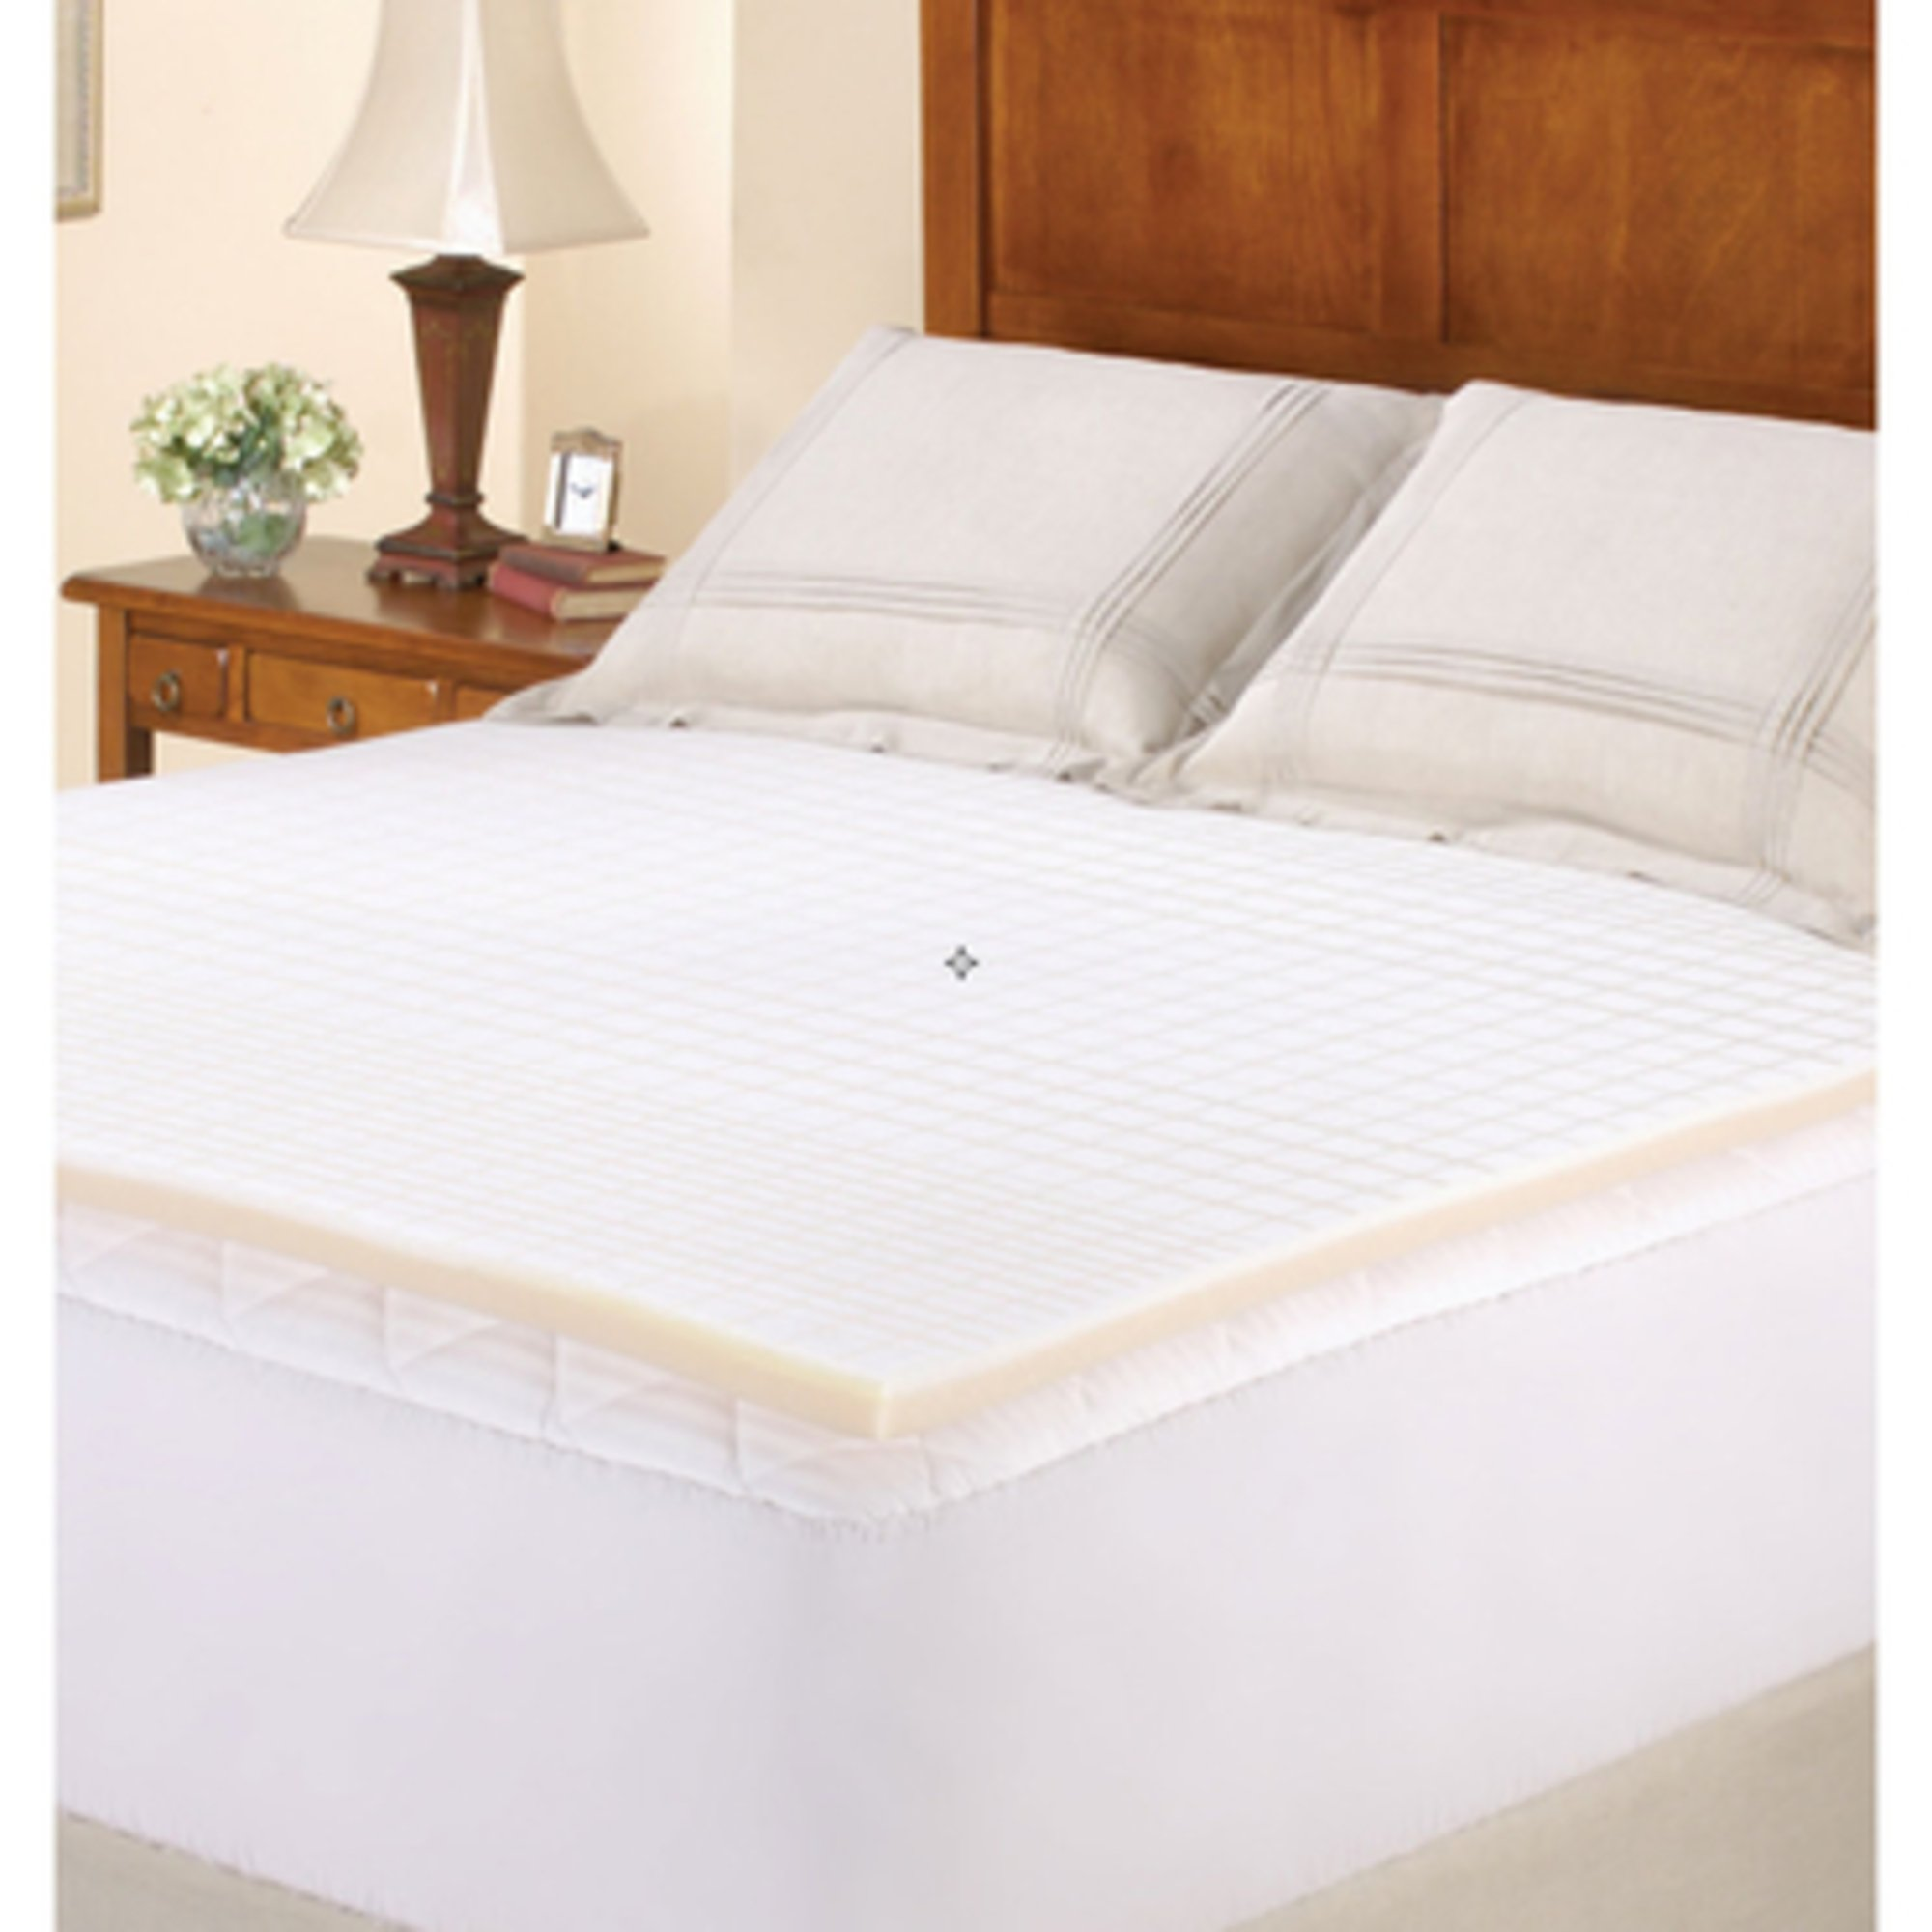 mattress pads u0026 toppers 0 - Memory Foam Mattress Topper Queen